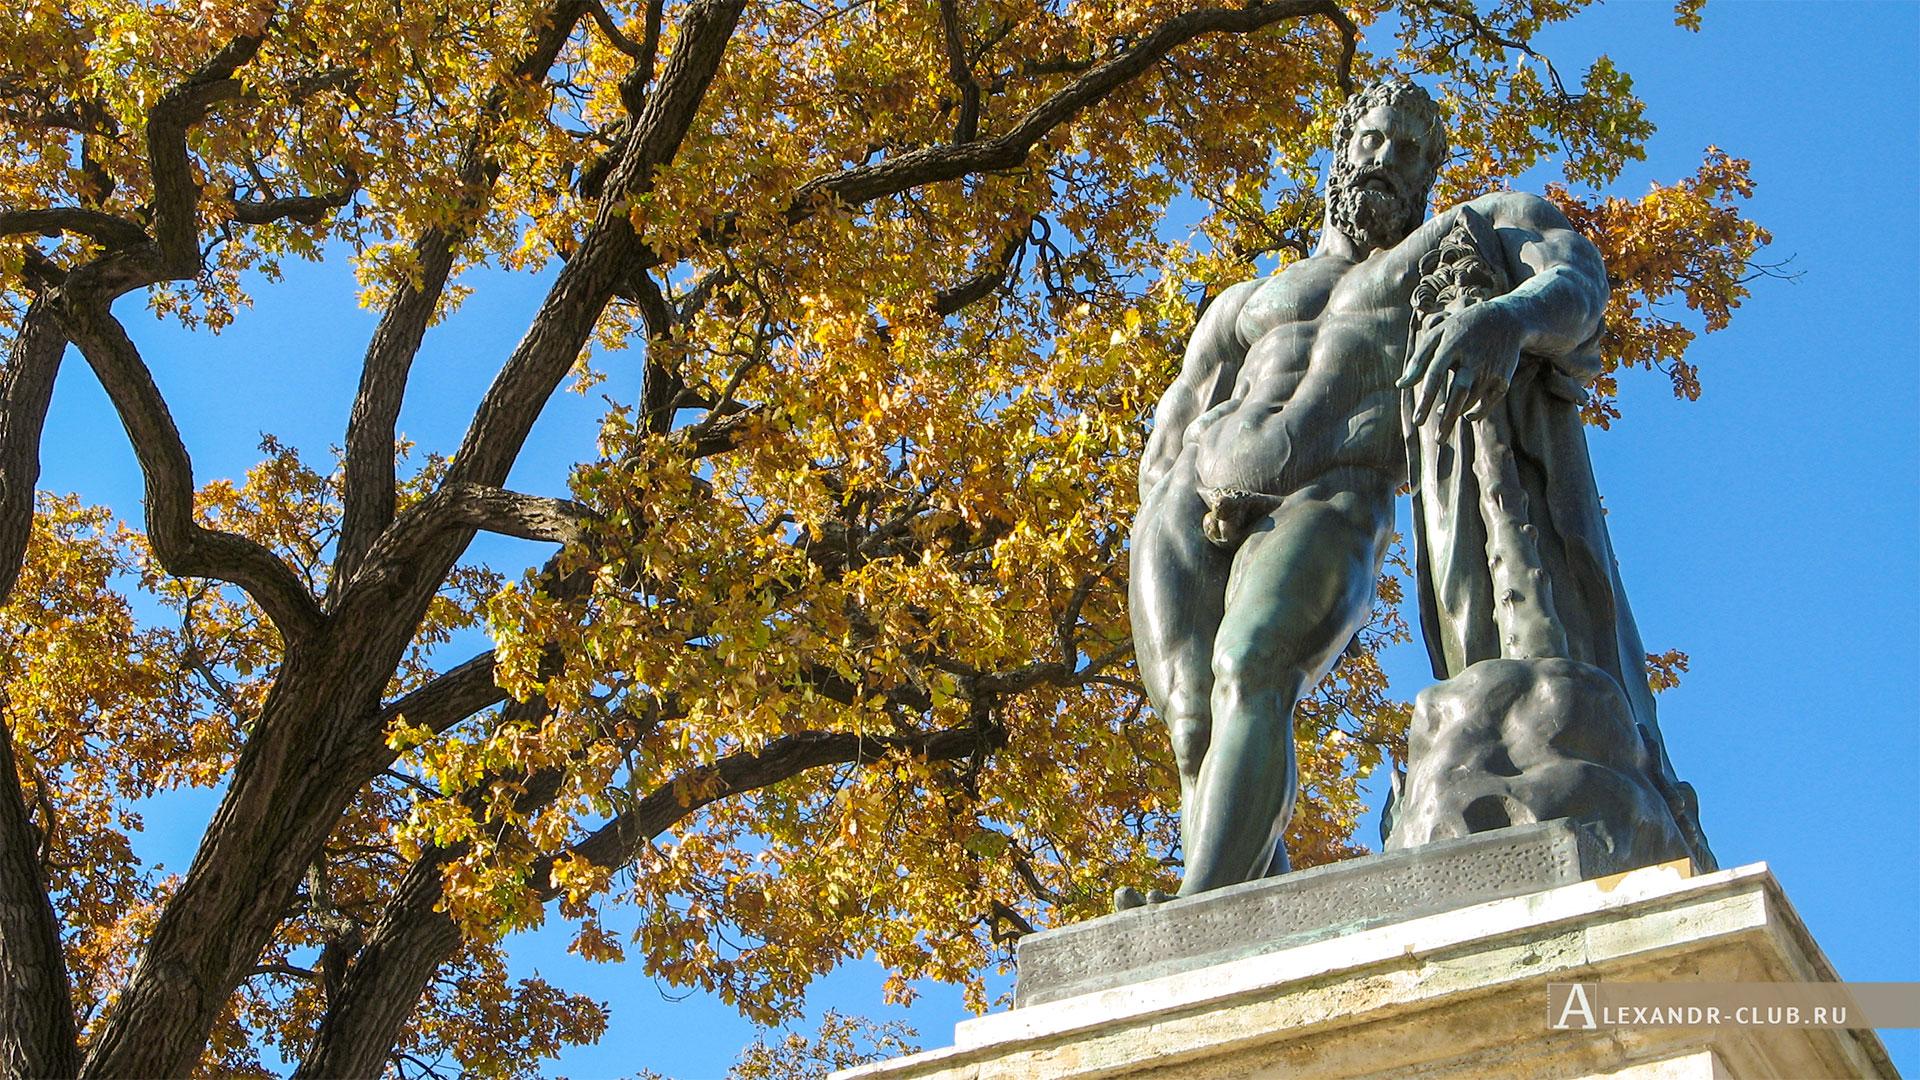 Царское Село, осень, Екатерининский парк, статуя Геркулес Фарнезский